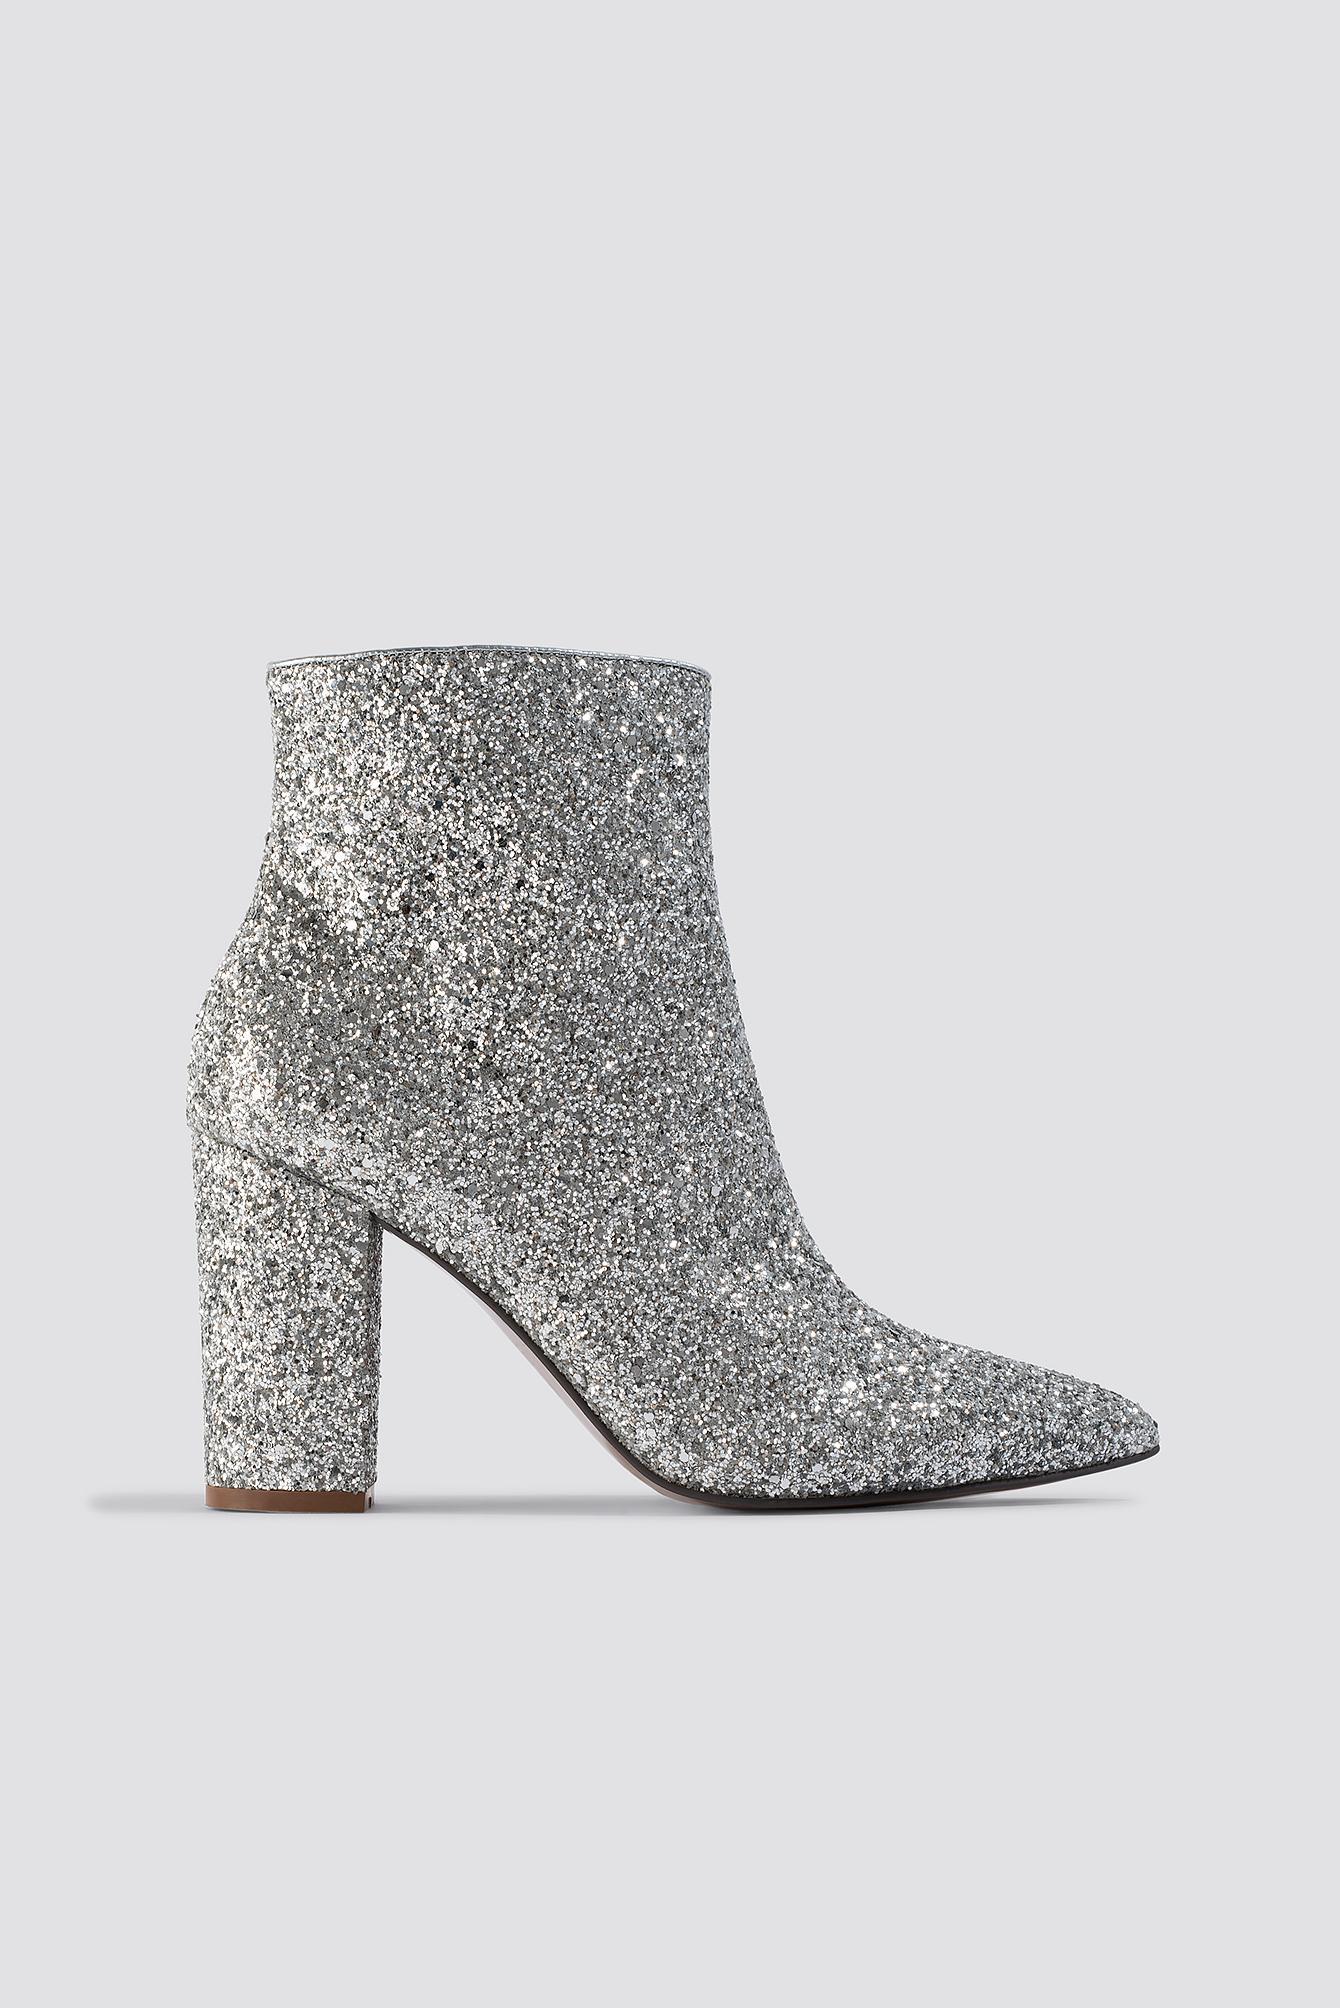 sale retailer 12ad1 e1d30 NA-KD - Metallic Glitter Heel Boots Silver - Lyst. View fullscreen